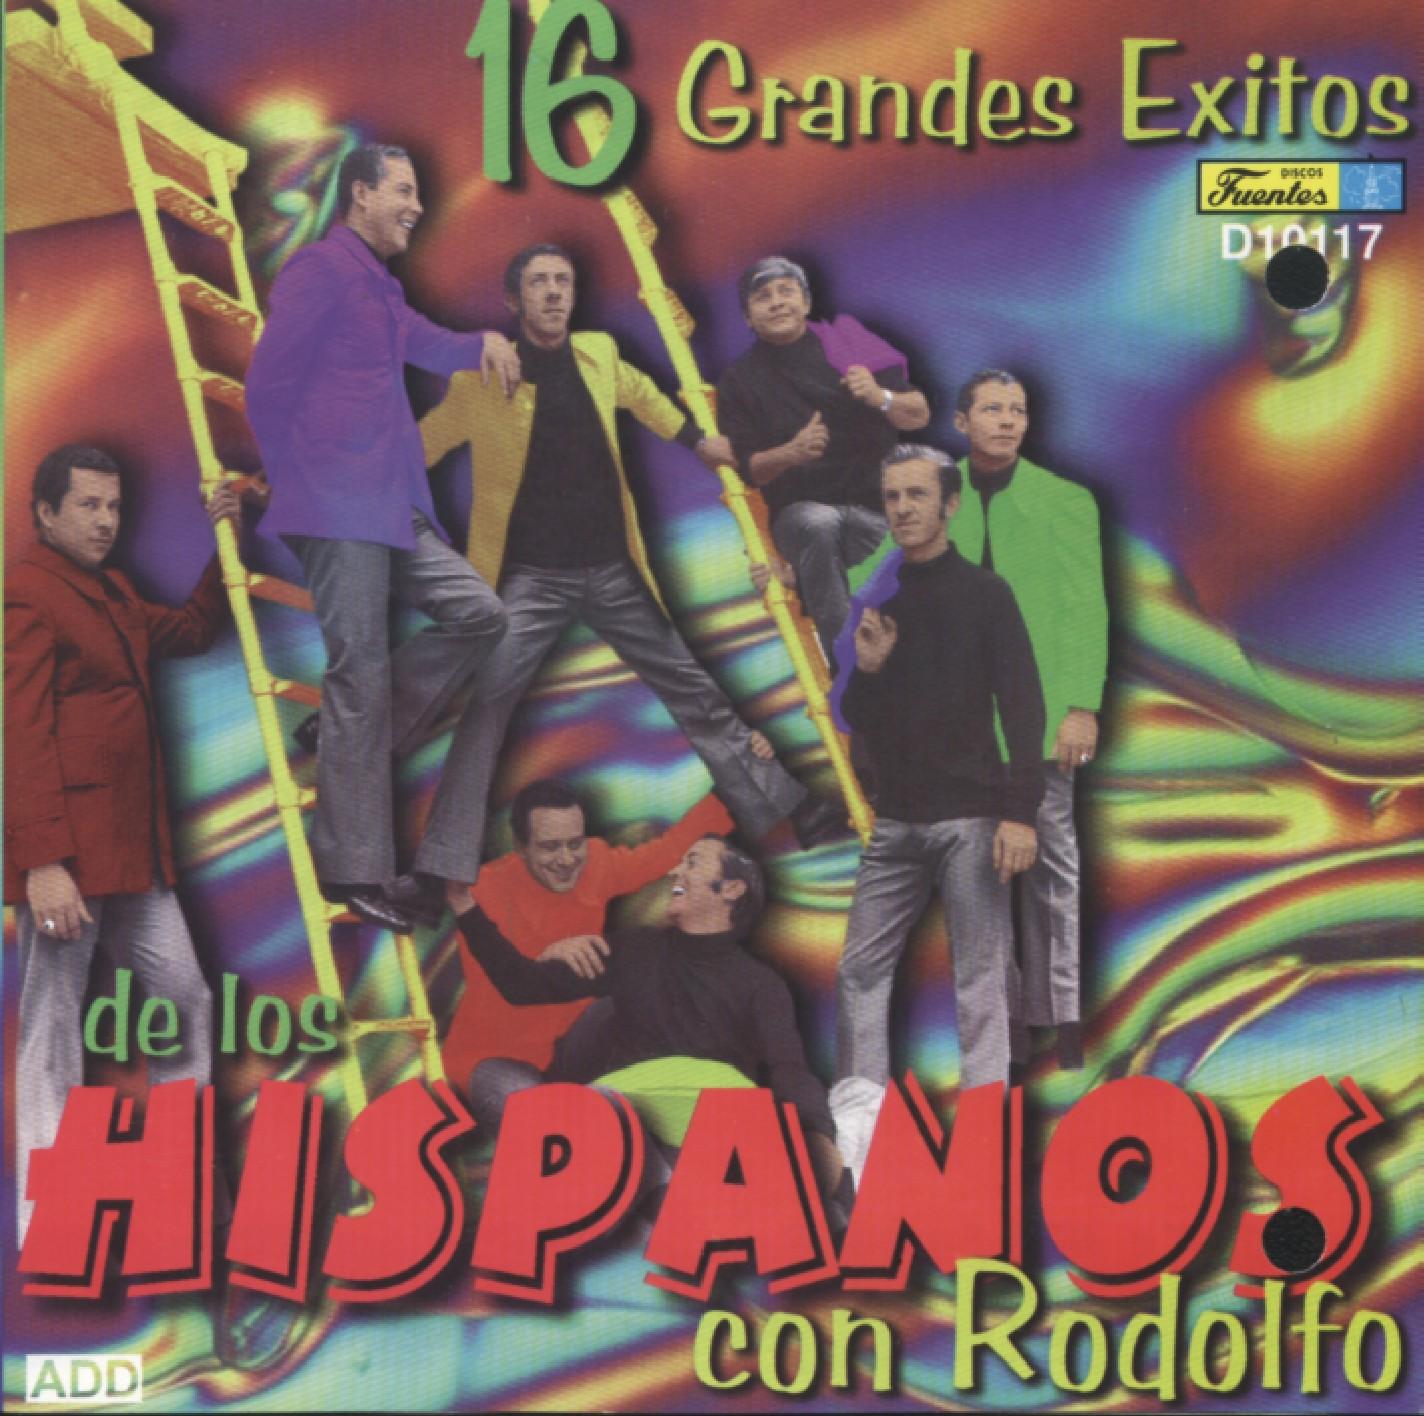 los hispanos grandes exitos rodolfo rodolfo aicardi